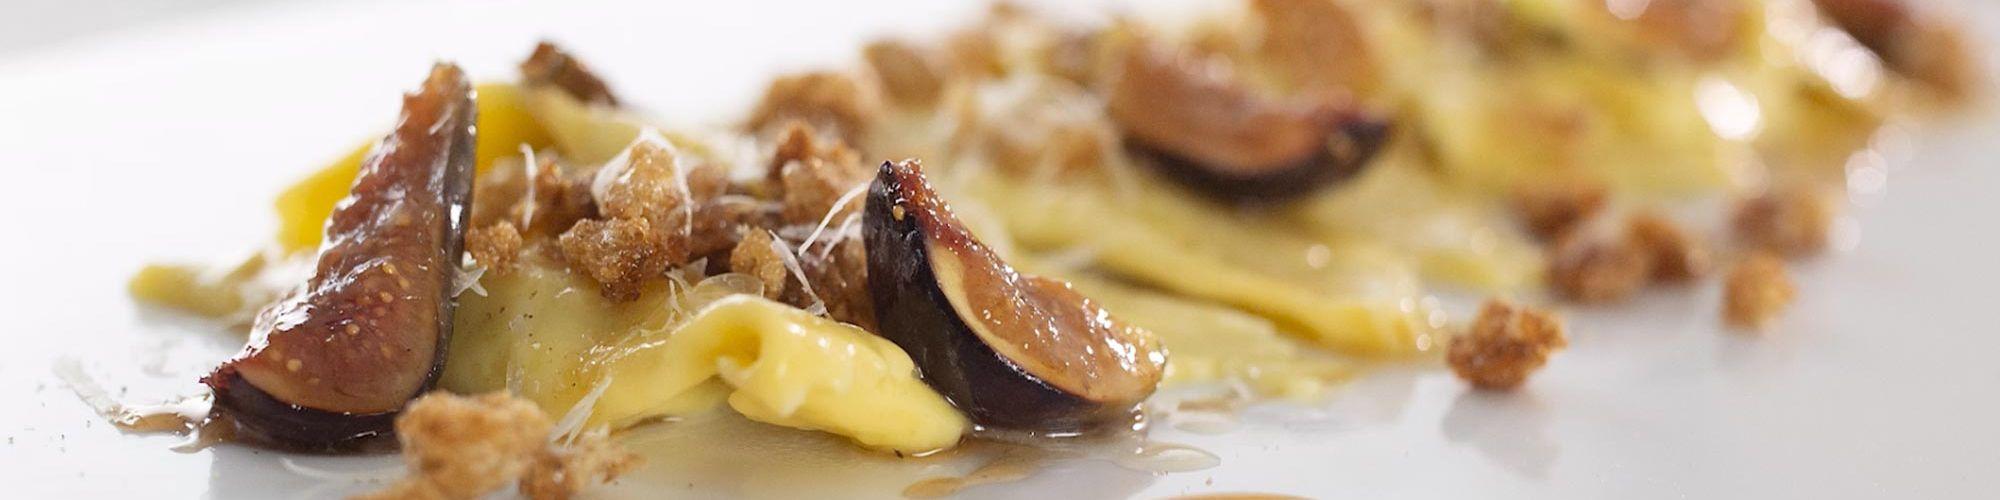 ricetta Casoncelli bresciani con mollica tostata al pepe nero e fichi caramellati con pasta fresca